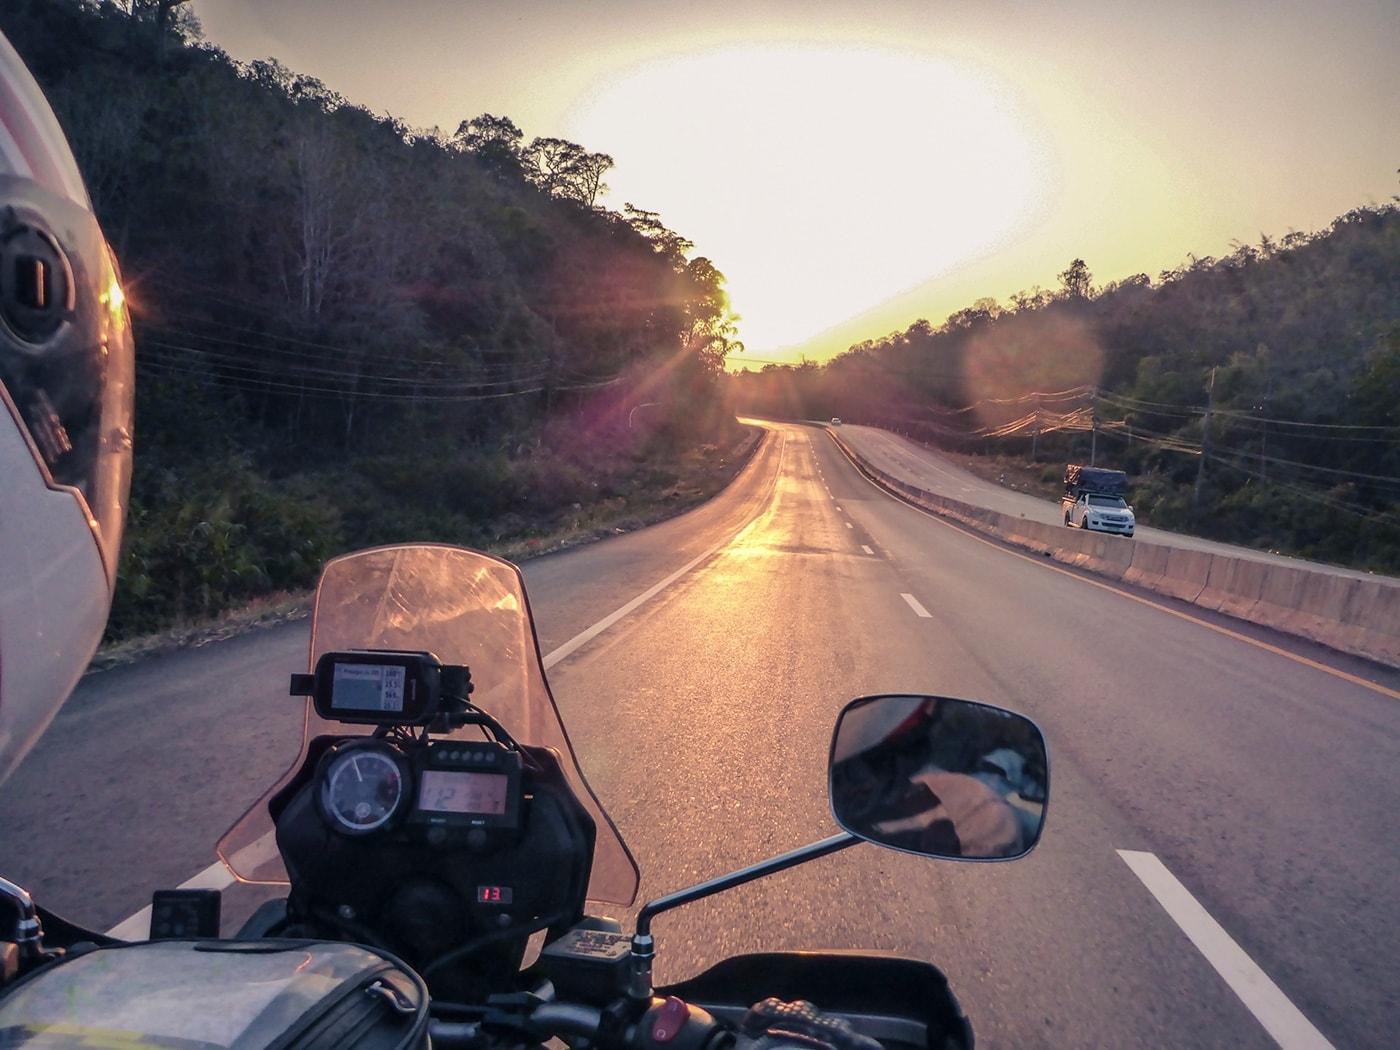 thailandia in moto strada